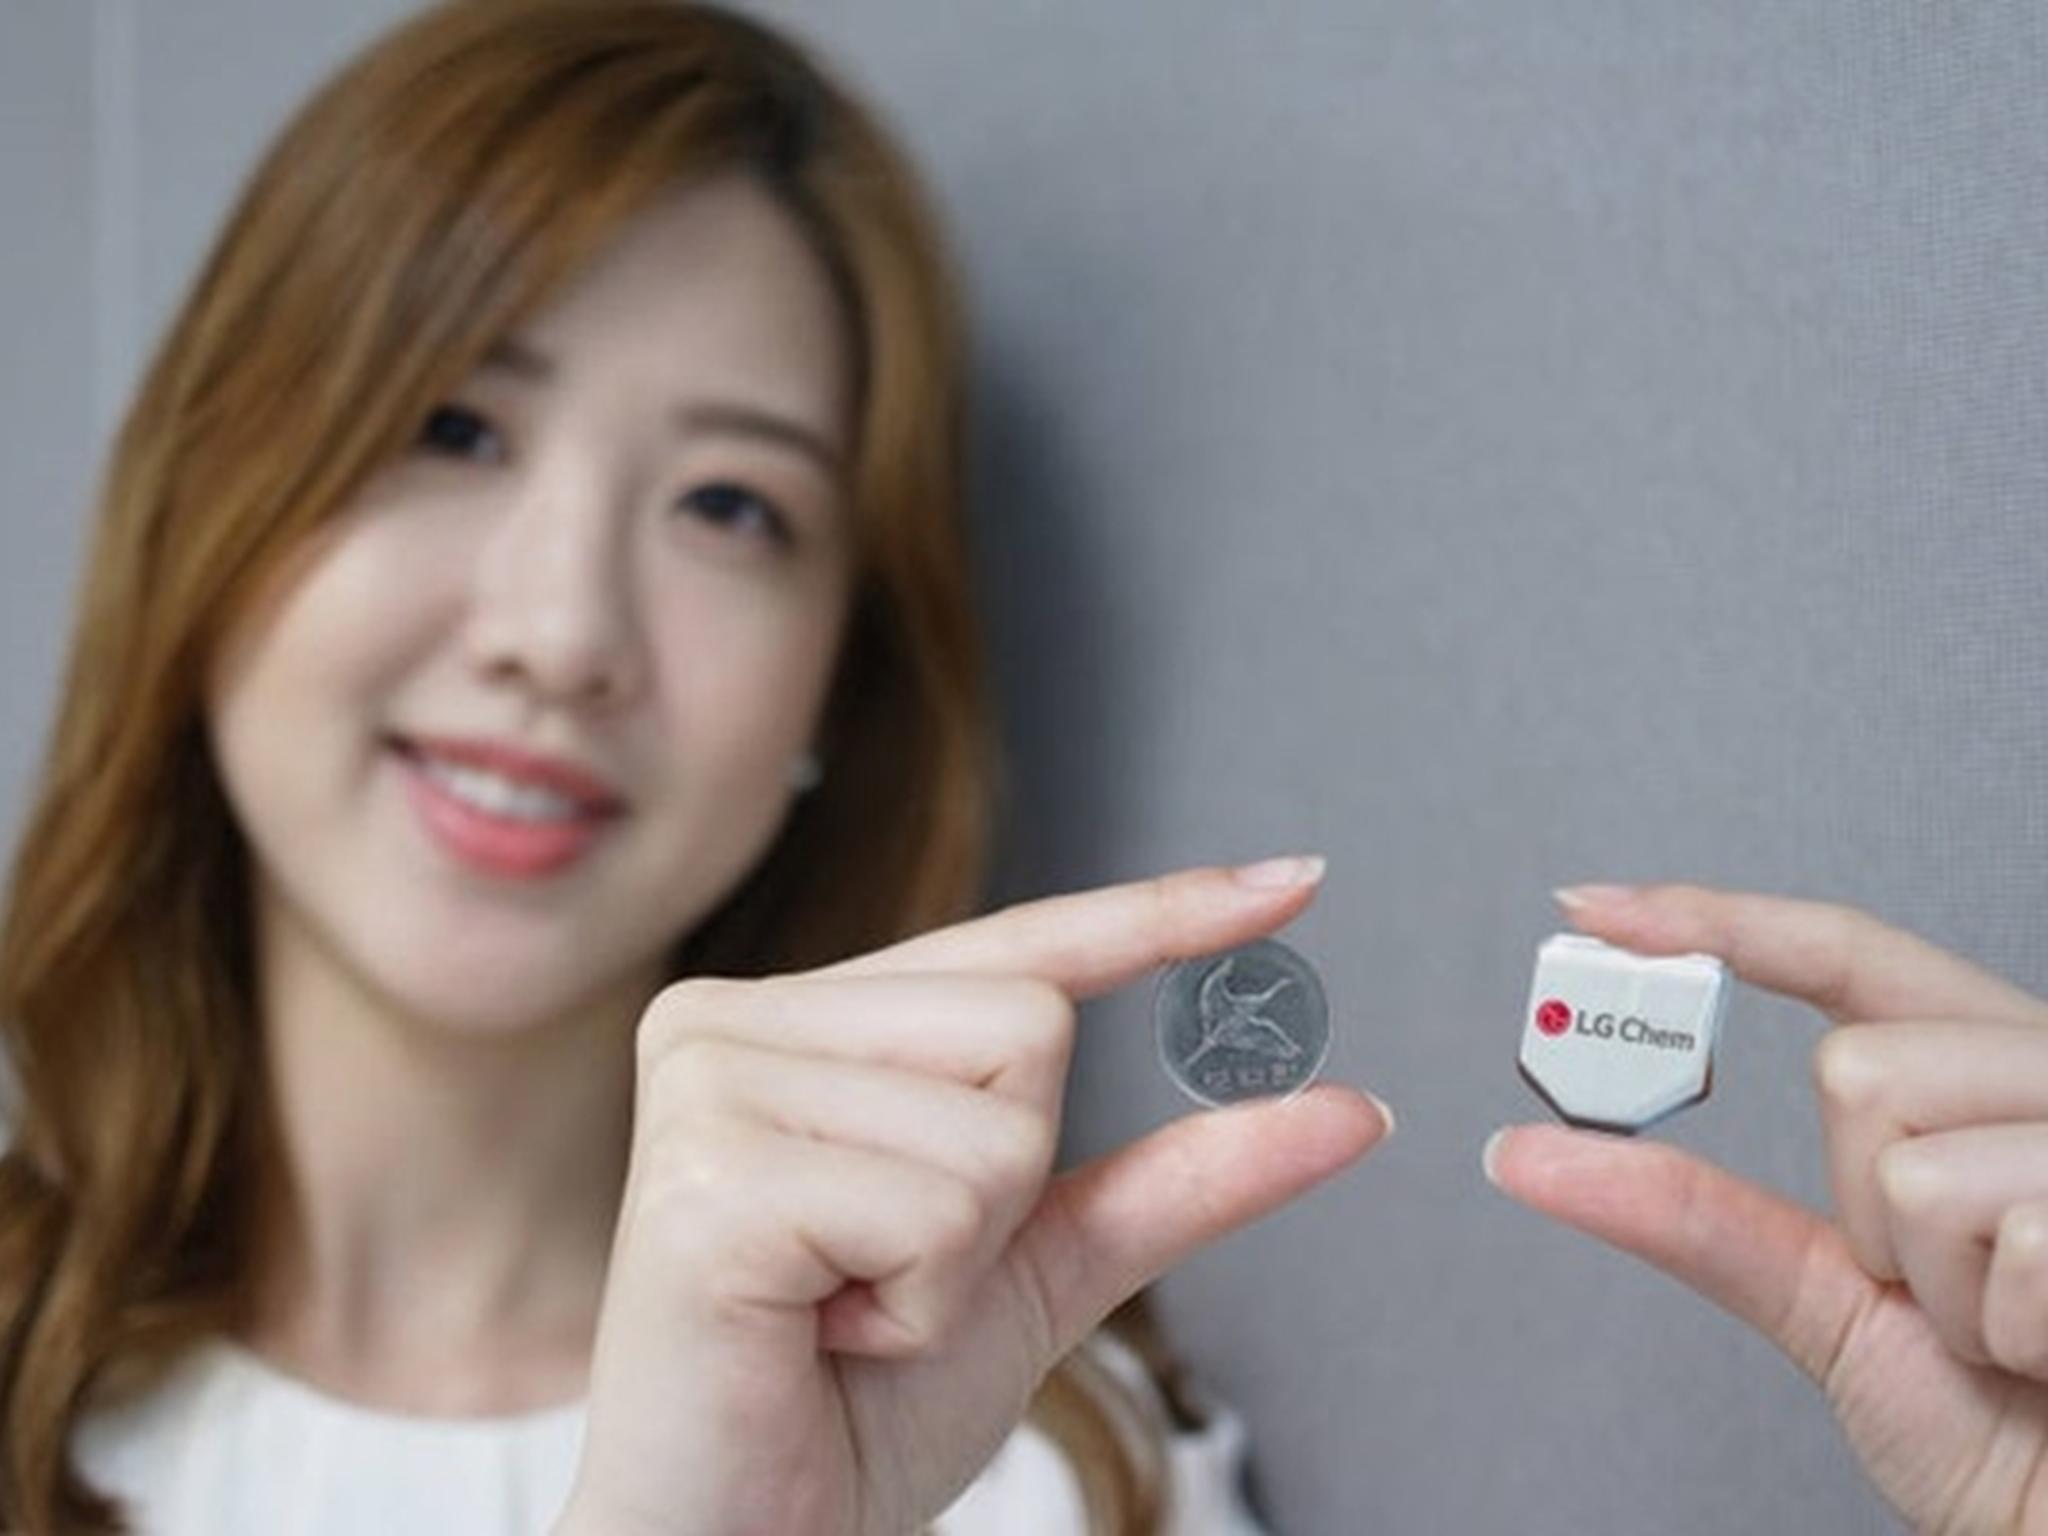 Hexagon-Akku von LG: Die Batterie soll bis zu vier Stunden mehr Laufzeit bieten.